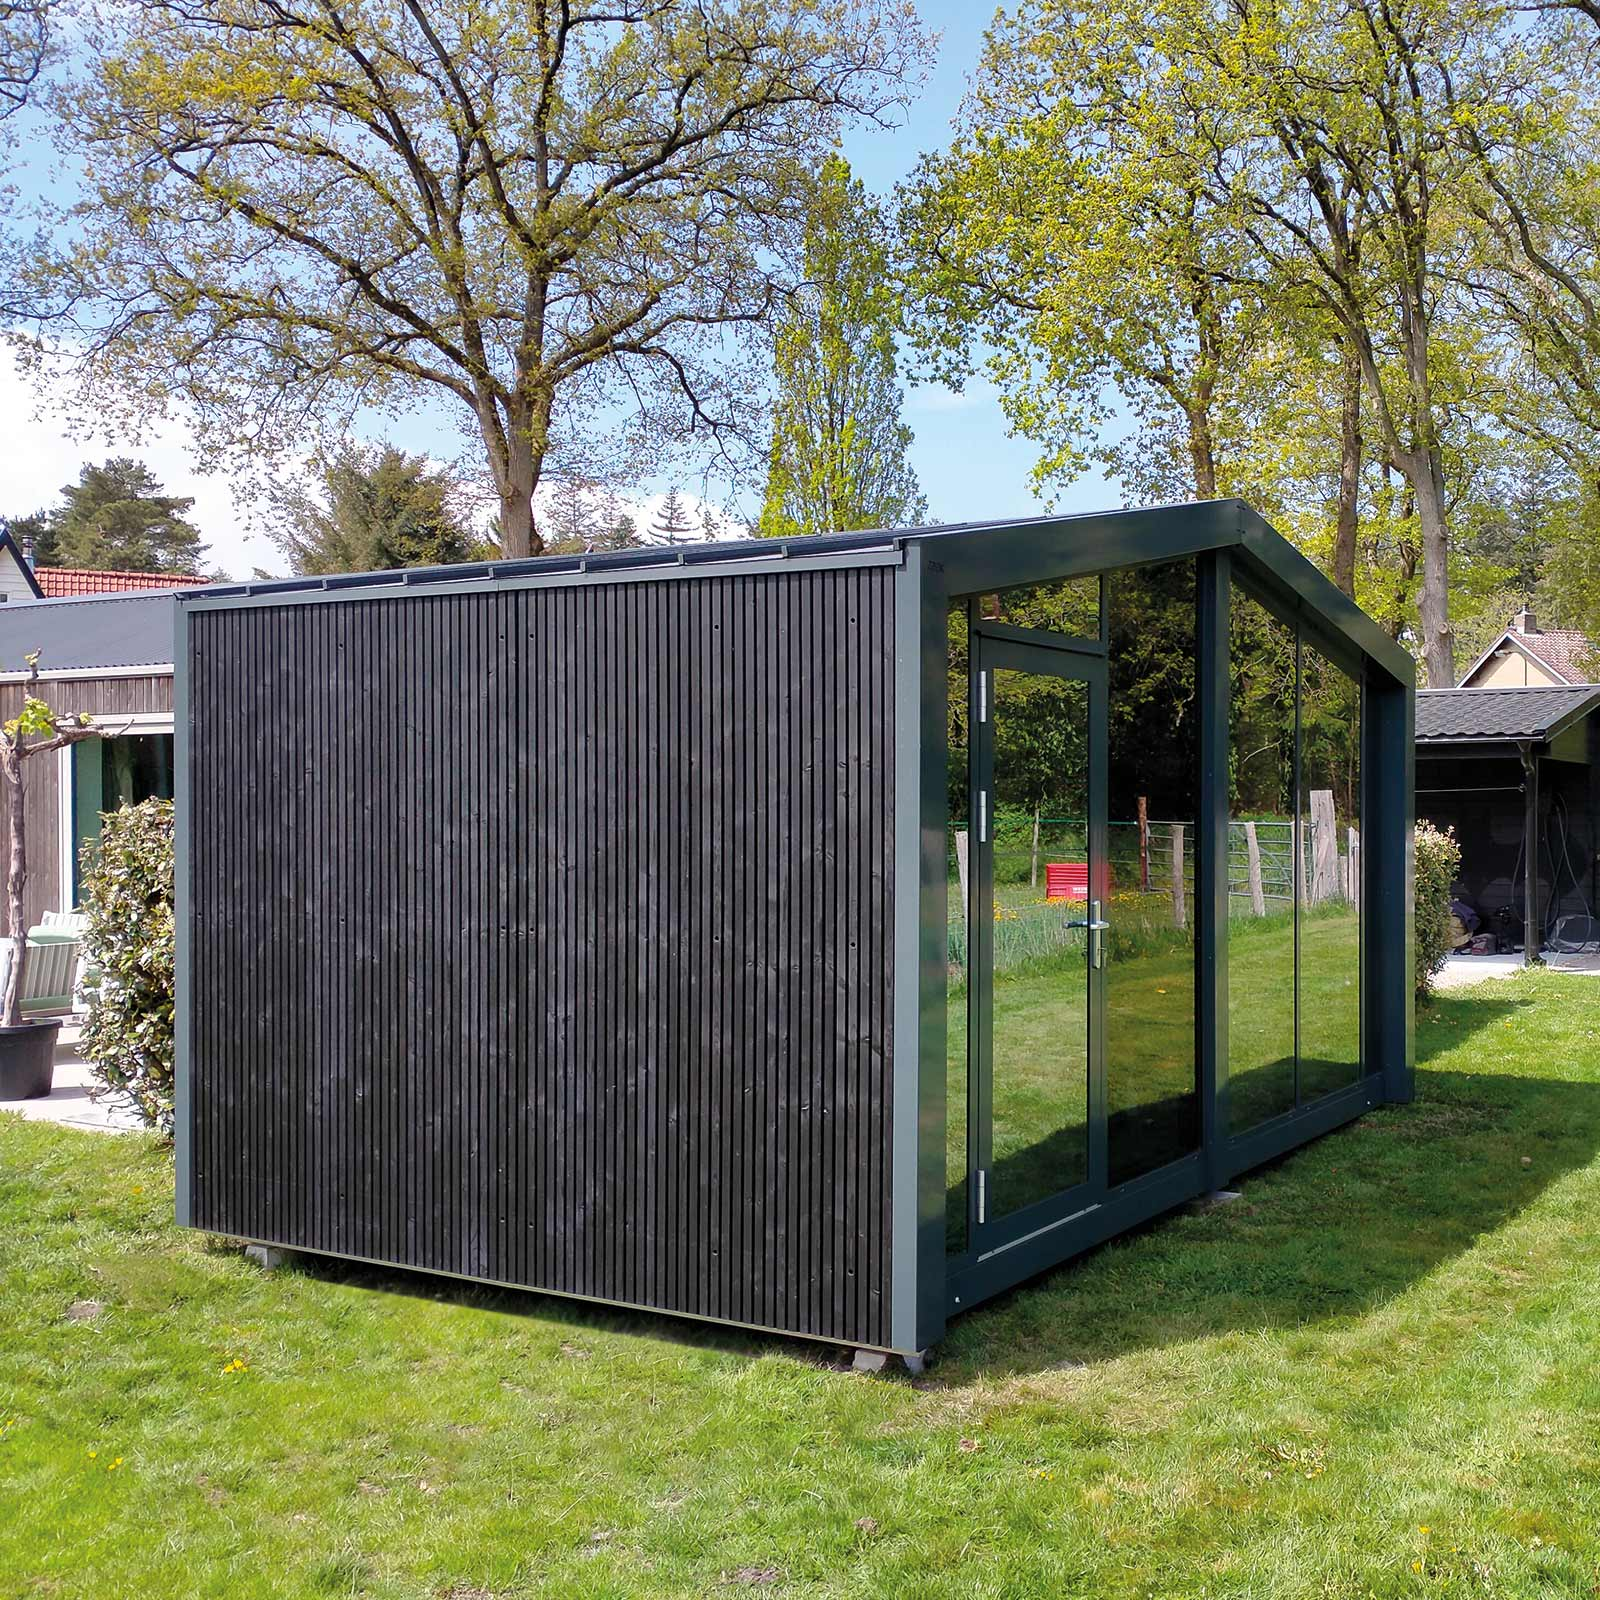 ZaaK® ZDL3 geplaatst in achtertuin. Zijaanzicht op het tuinkantoor.